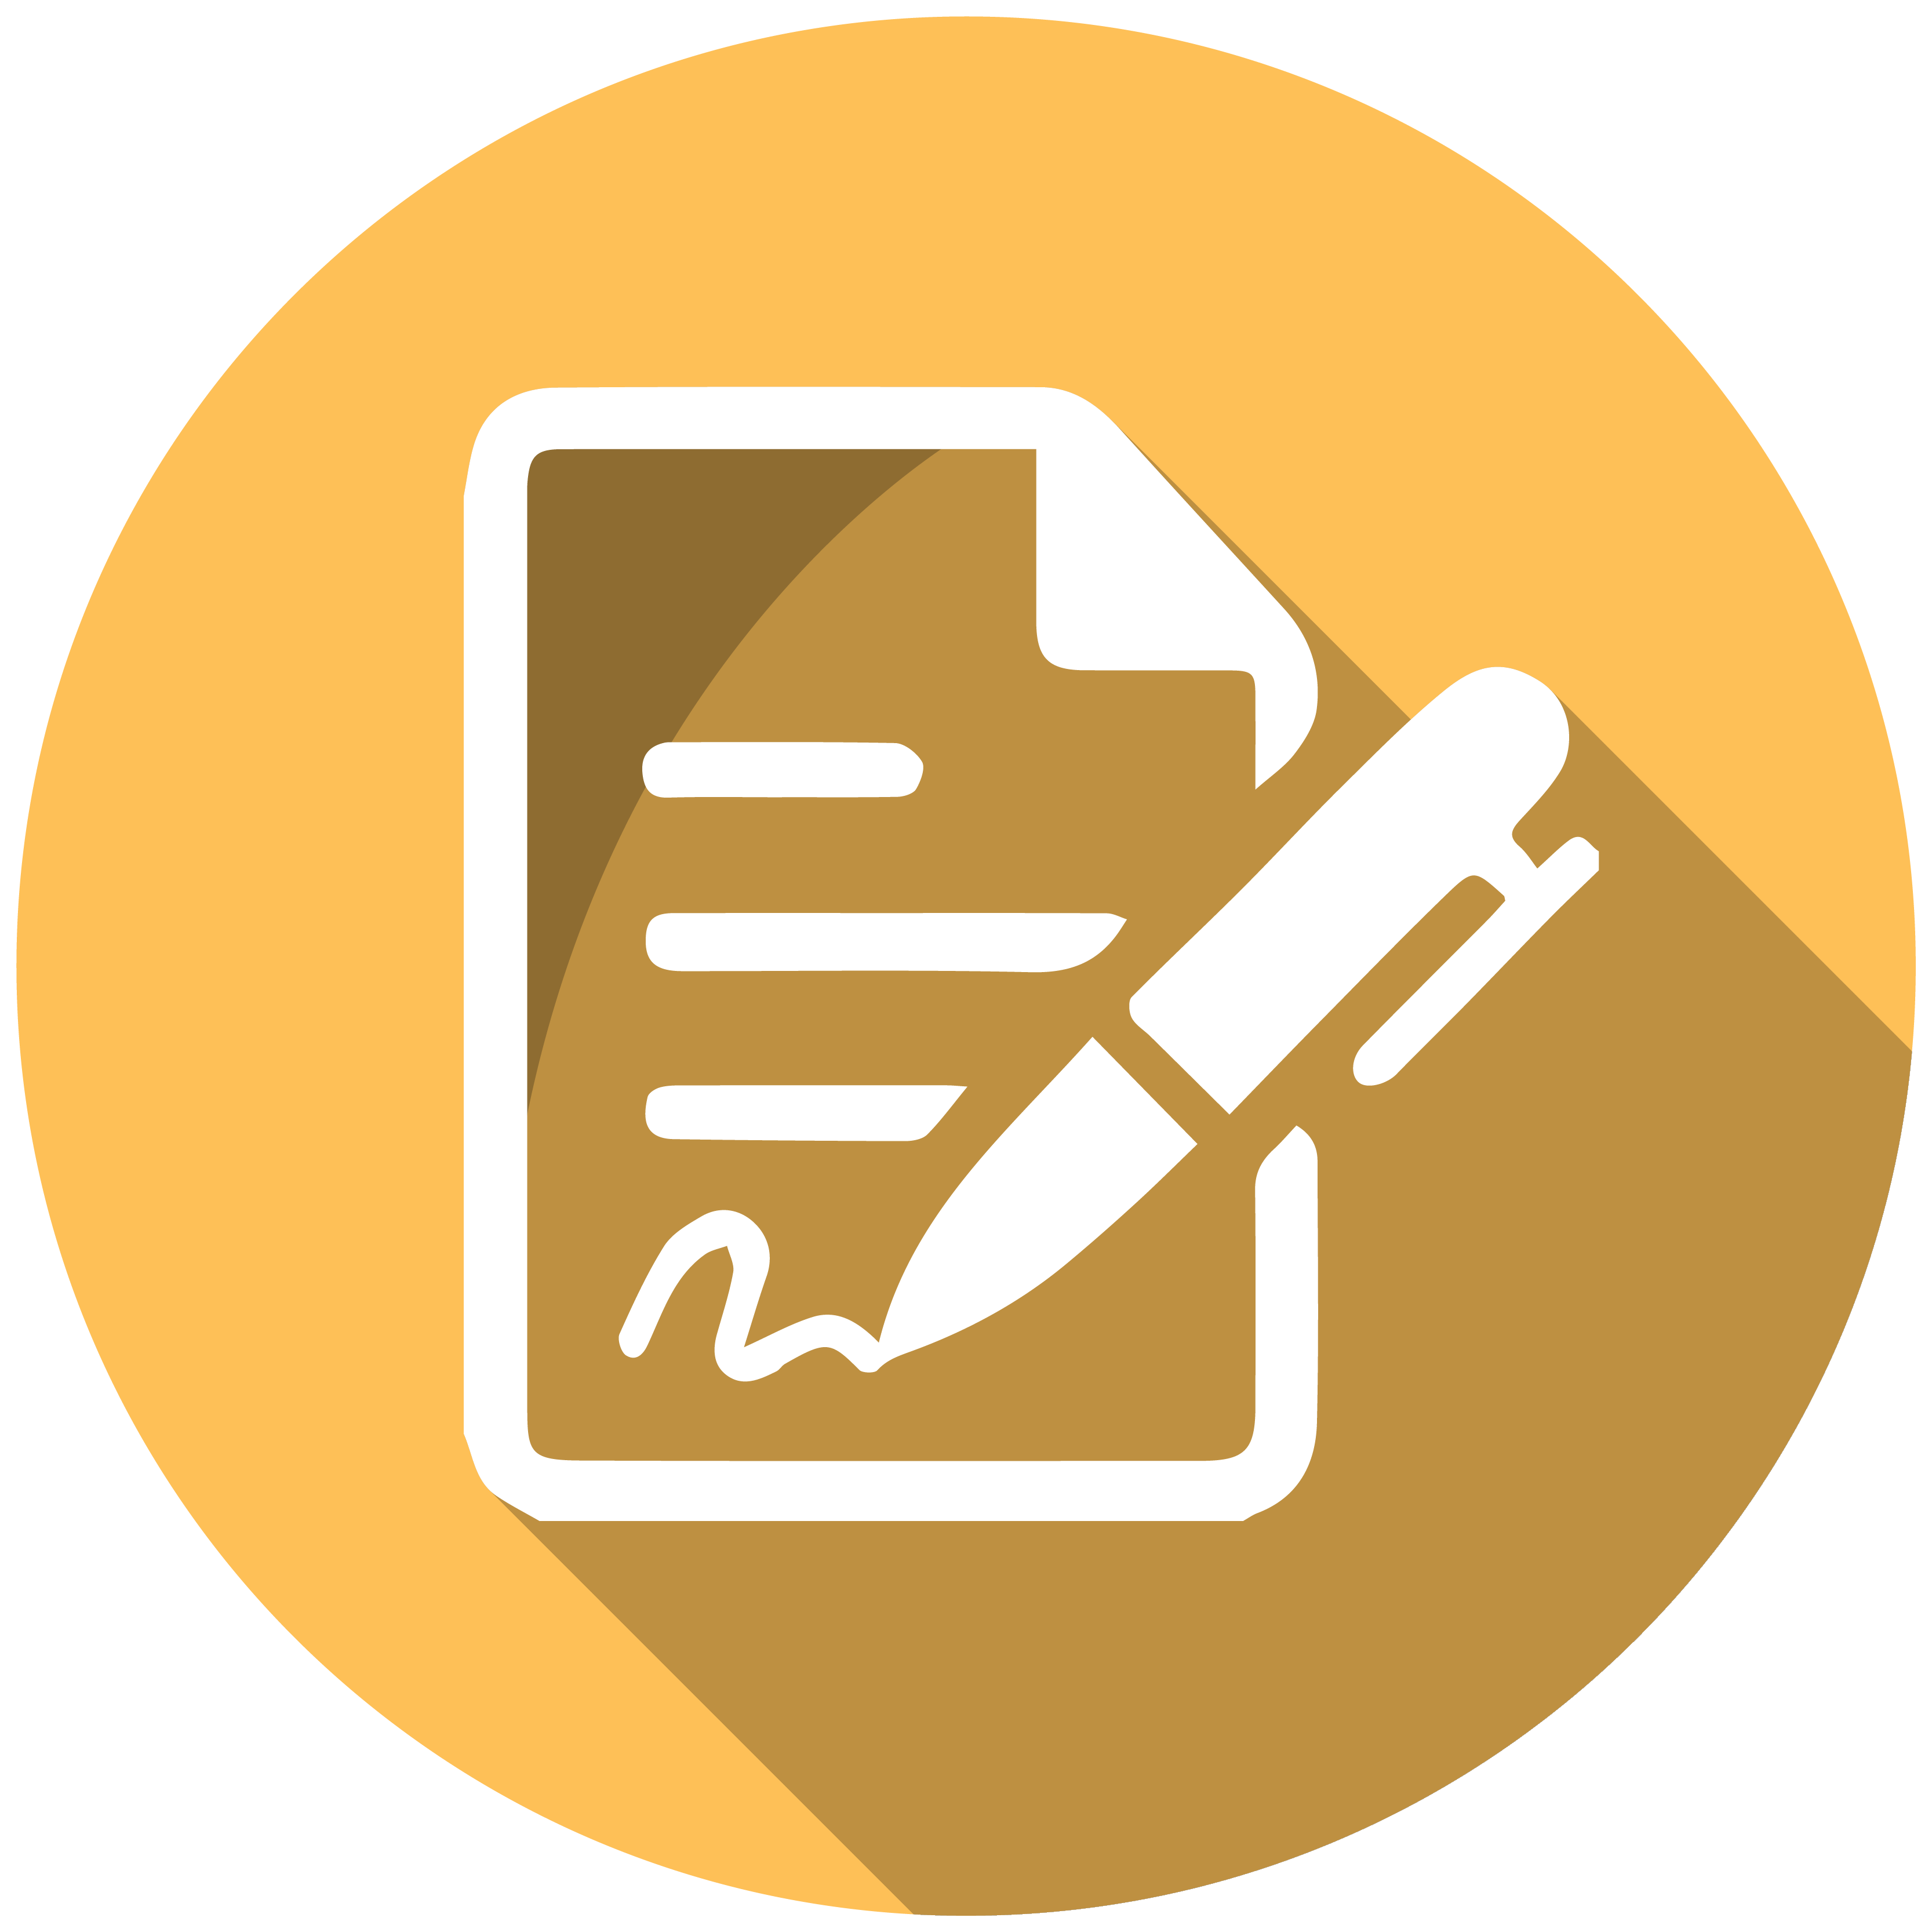 کاملترین فایل ترجمه مقاله دستورالعمل های حسابرسی برای قراردادها